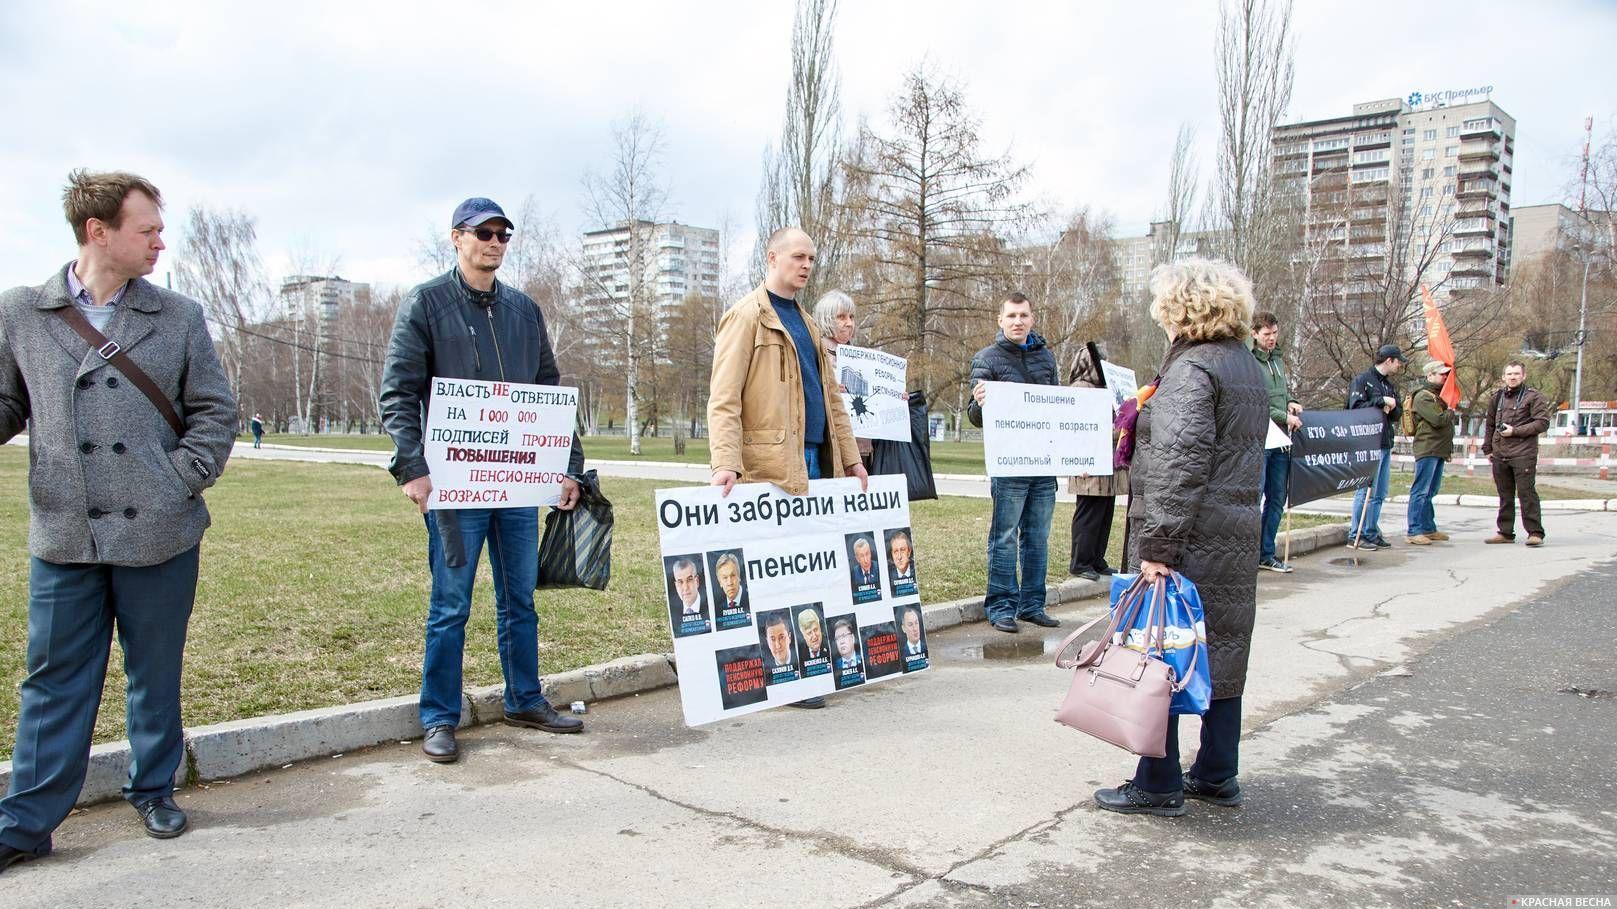 Пикет против пенсионной реформы 03.05.19. Пермь